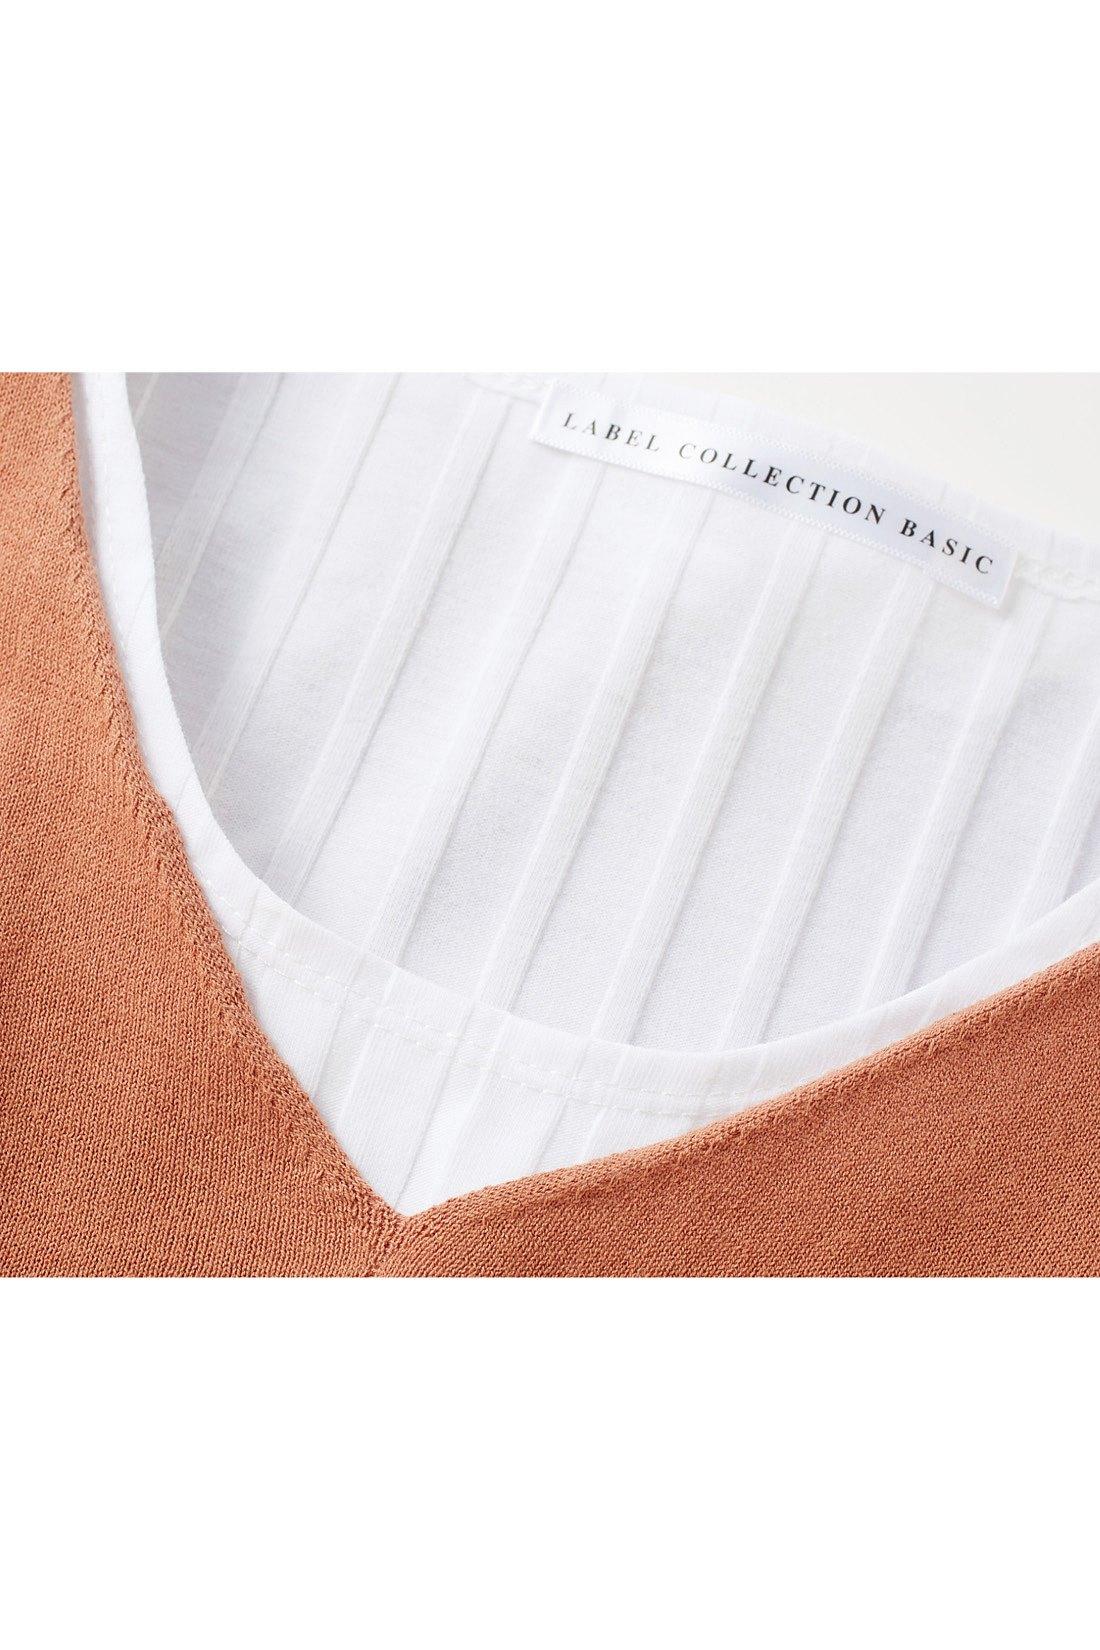 ニットの衿ぐりはフラットに仕上げてすっきりきれいめに。